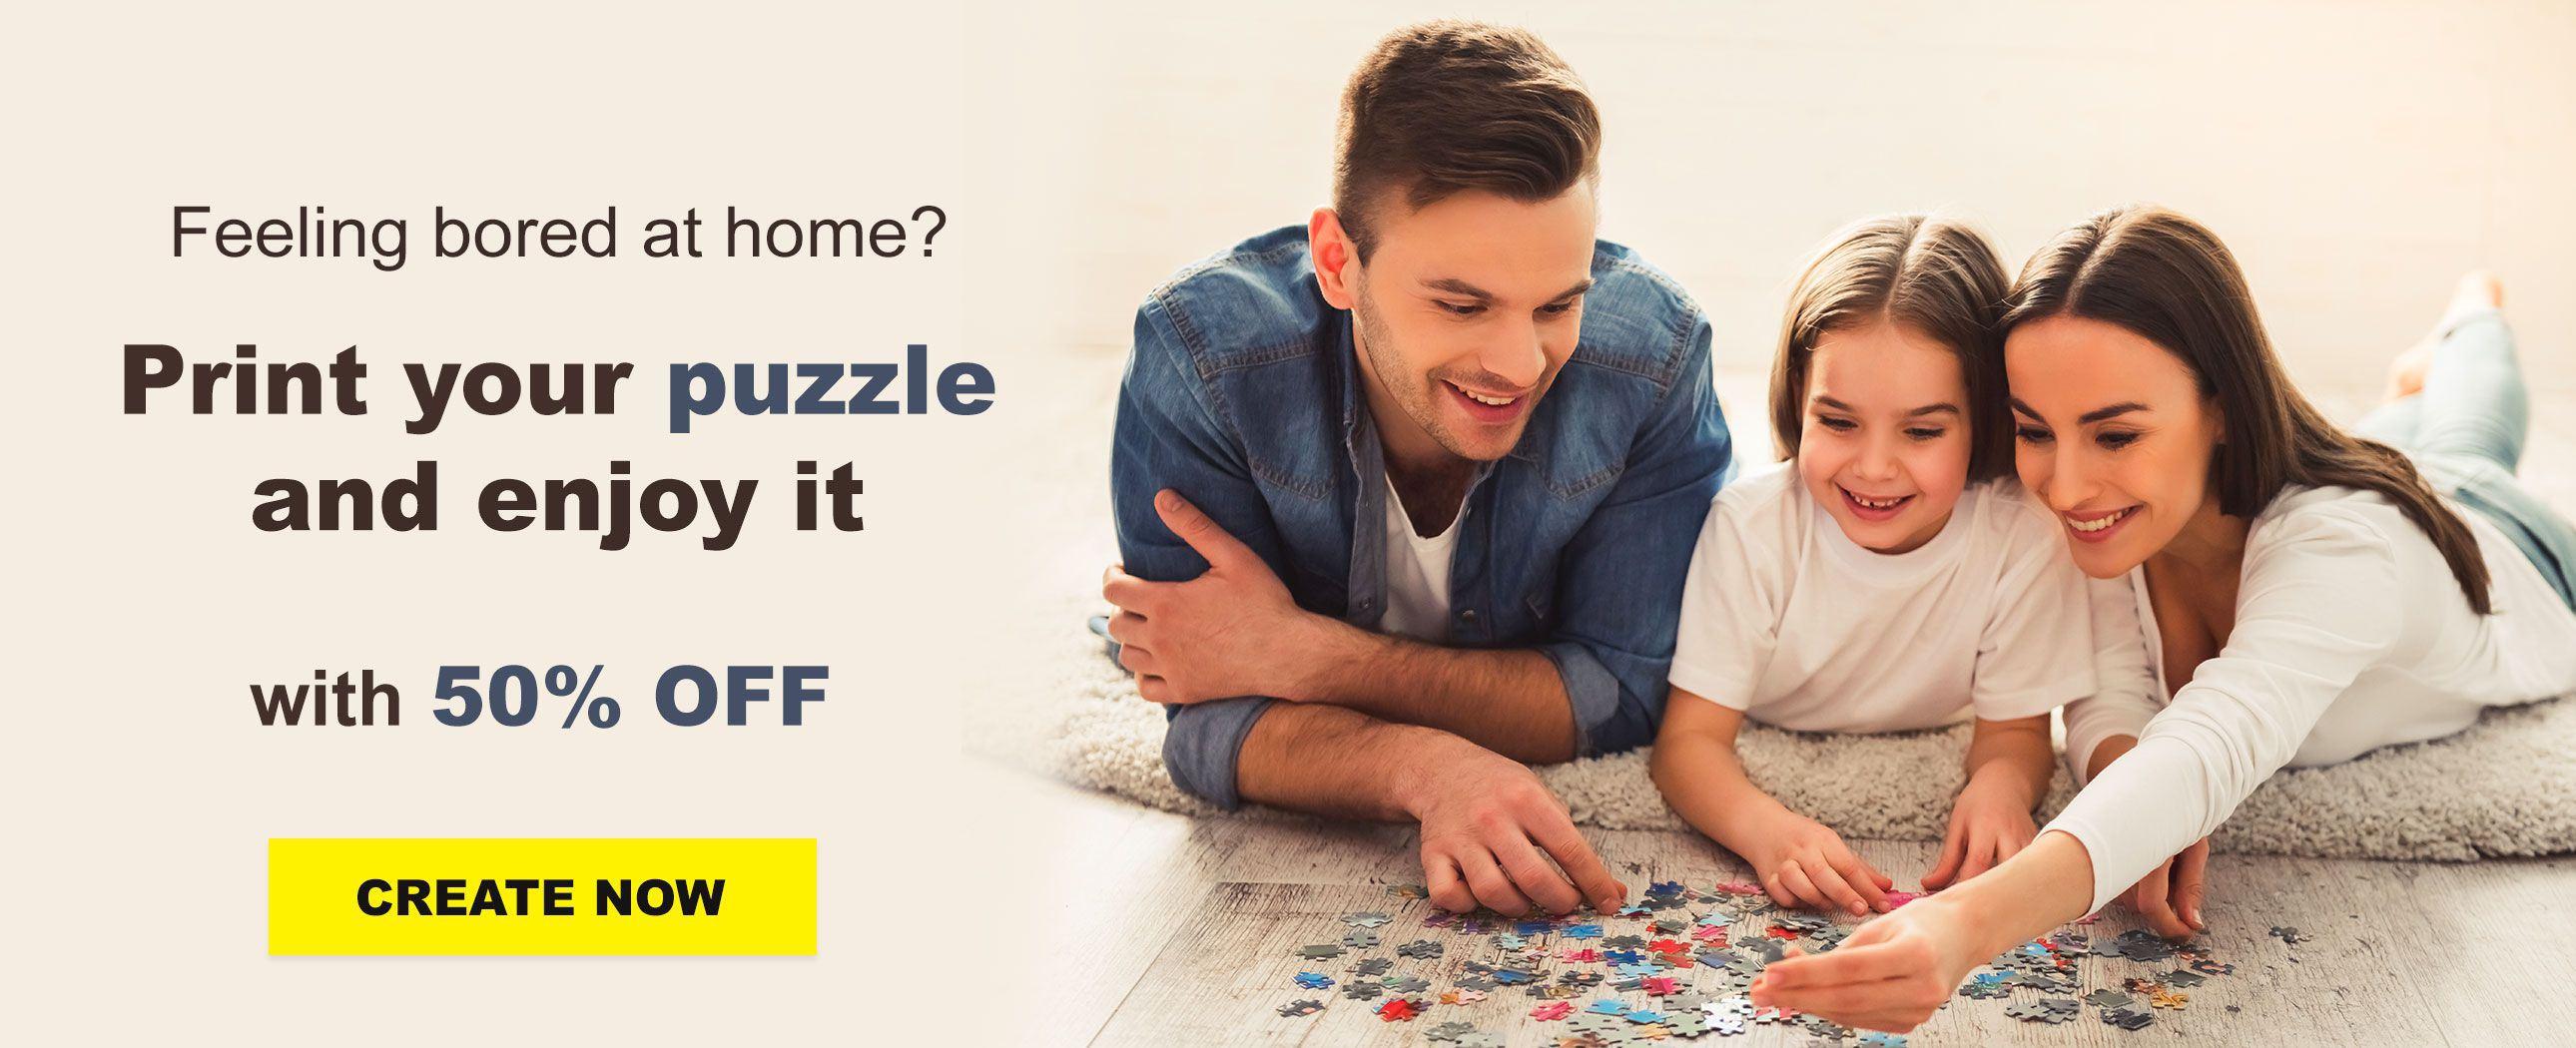 04 - Puzzle